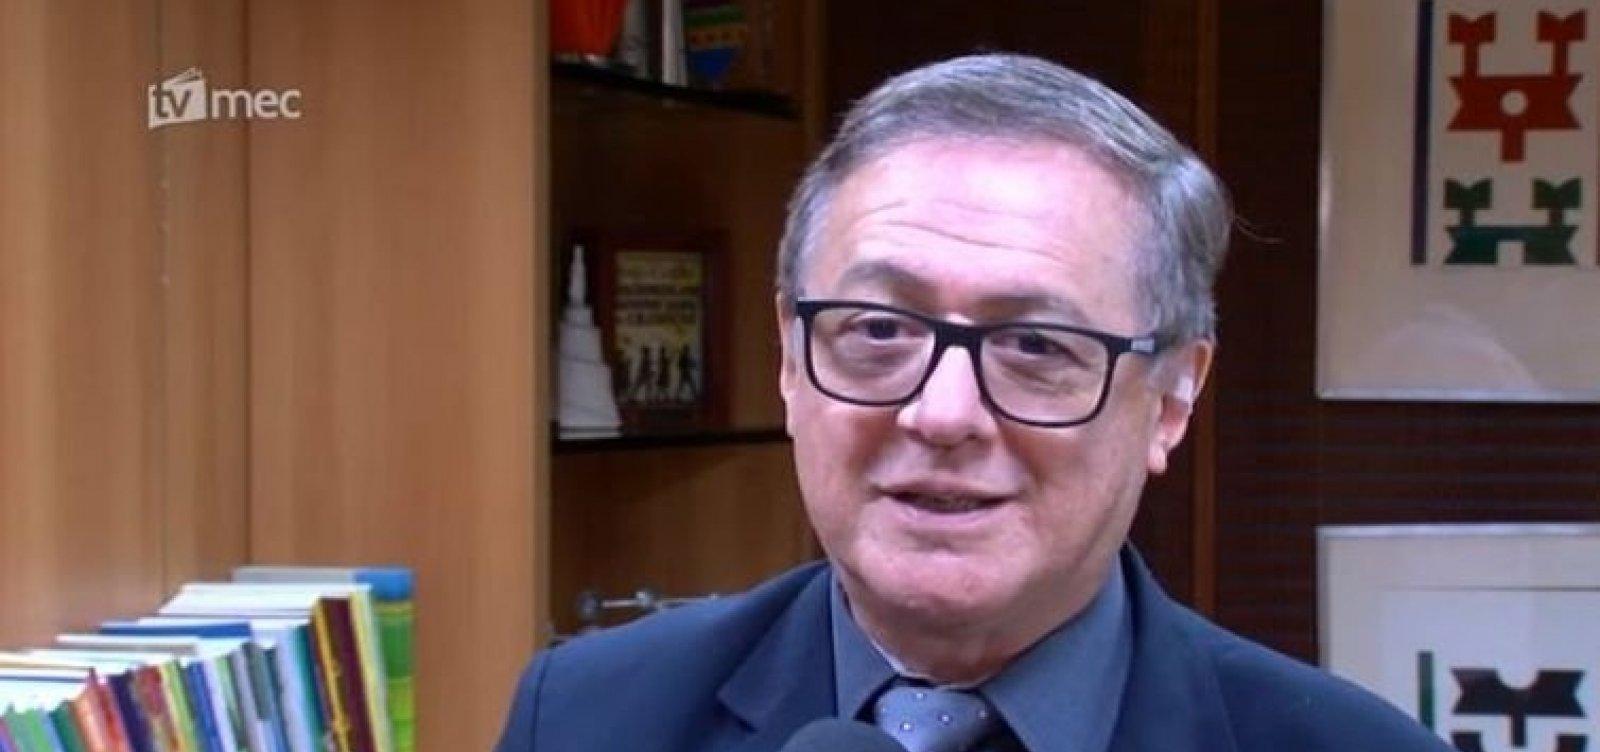 [Aliados de Olavo de Carvalho tentam impedir nomeação de novo número 2 do MEC, diz coluna]